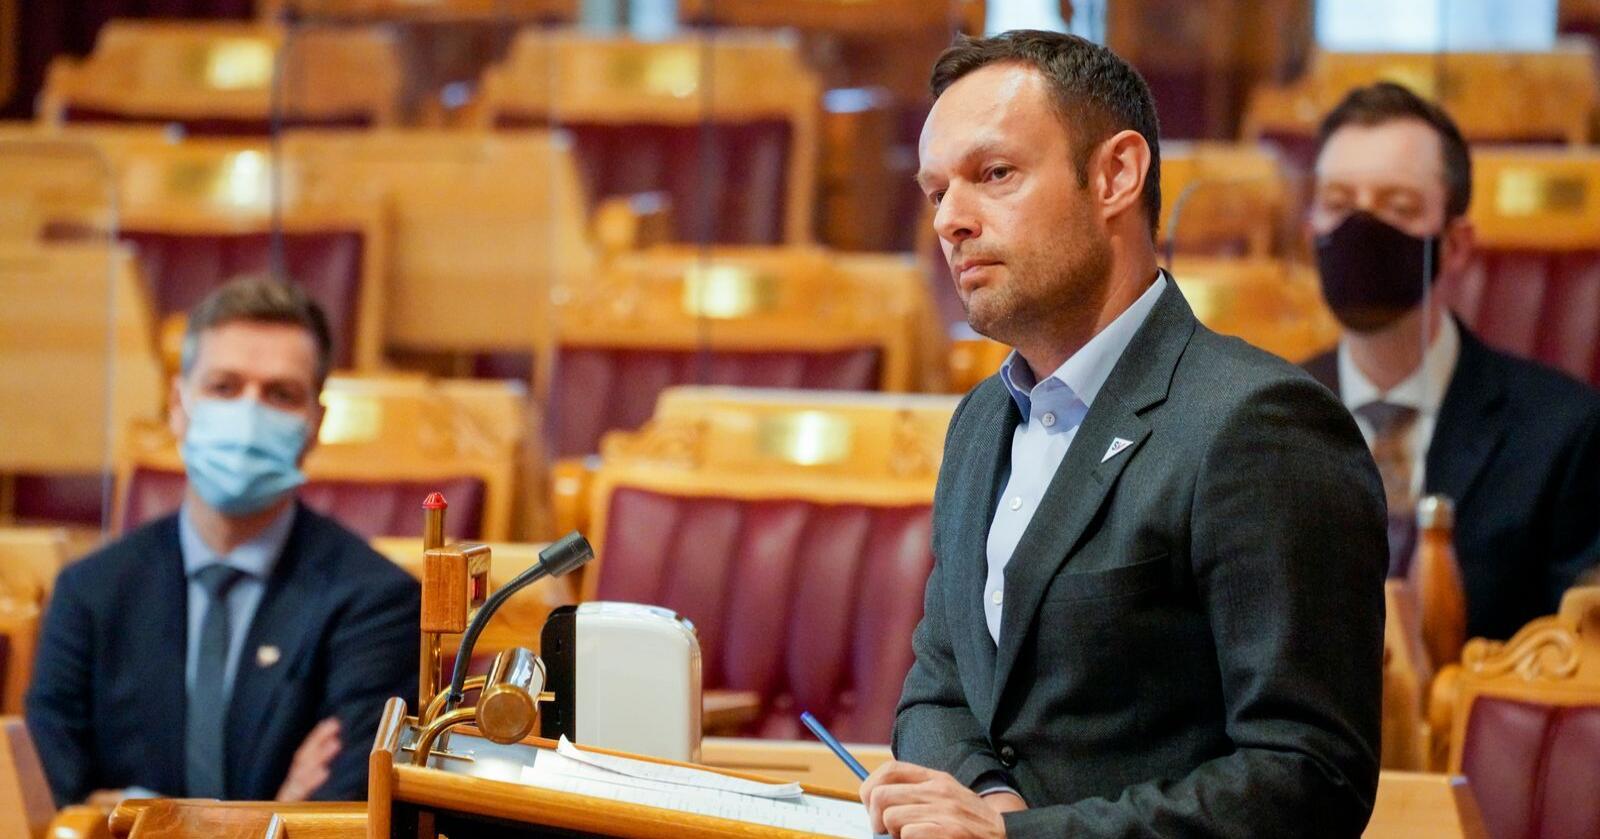 SVs Torgeir Knag Fylkesnes under en spørretime i Stortinget nylig. Foto: Ole Berg-Rusten / NTB